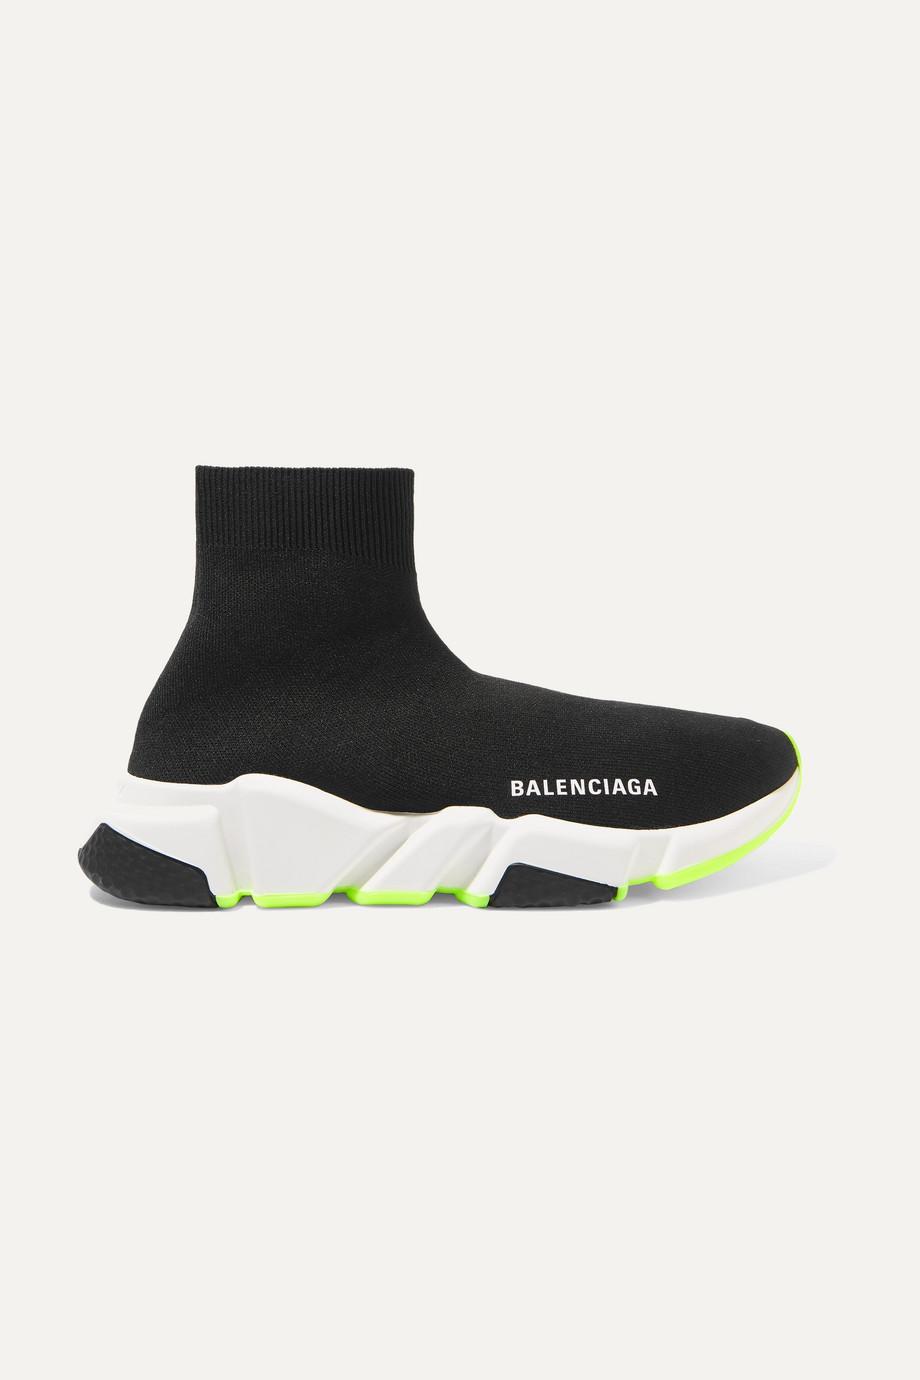 발렌시아가 스피드러너 스니커즈 - 블랙네온그린솔 Balenciaga Speed stretch-knit high-top sneakers,Black